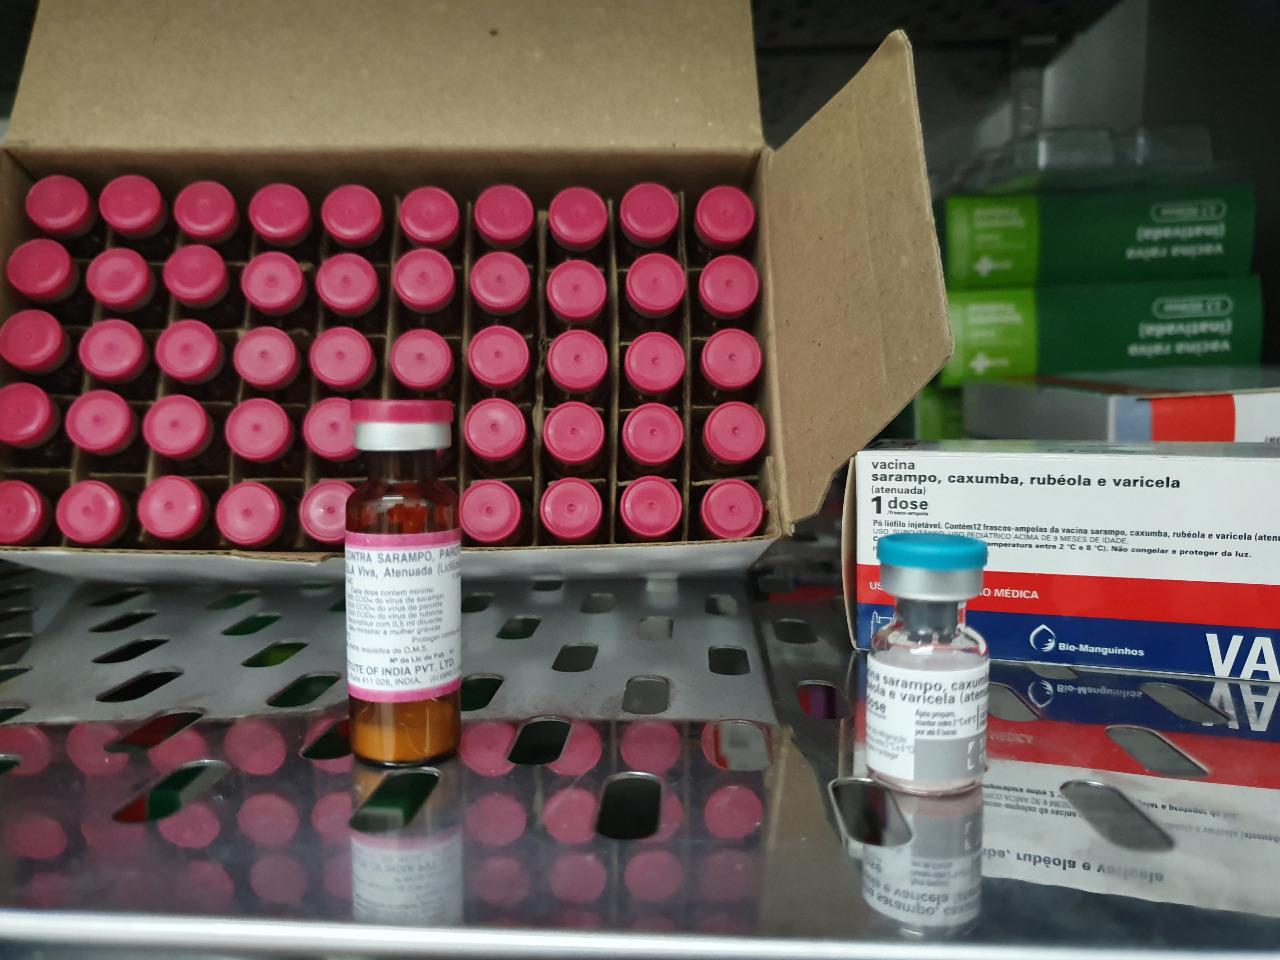 Quinze pontos espalhados por Brusque irão vacinar contra o Sarampo e outras doenças neste sábado